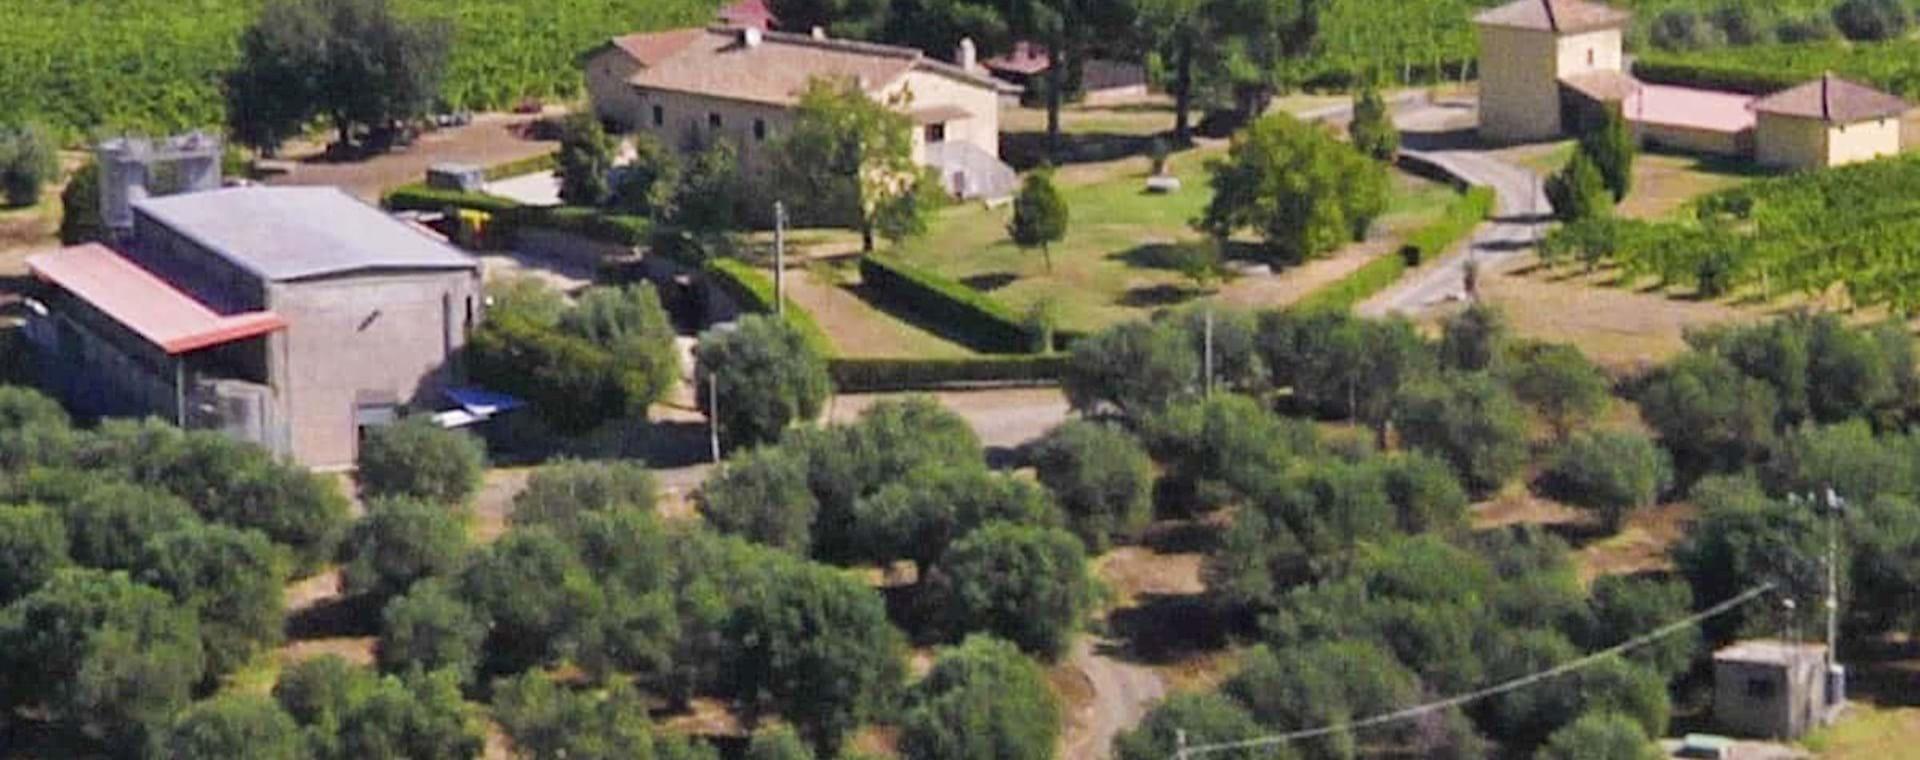 Areal view of Villa Pallavicini in Fiumicino